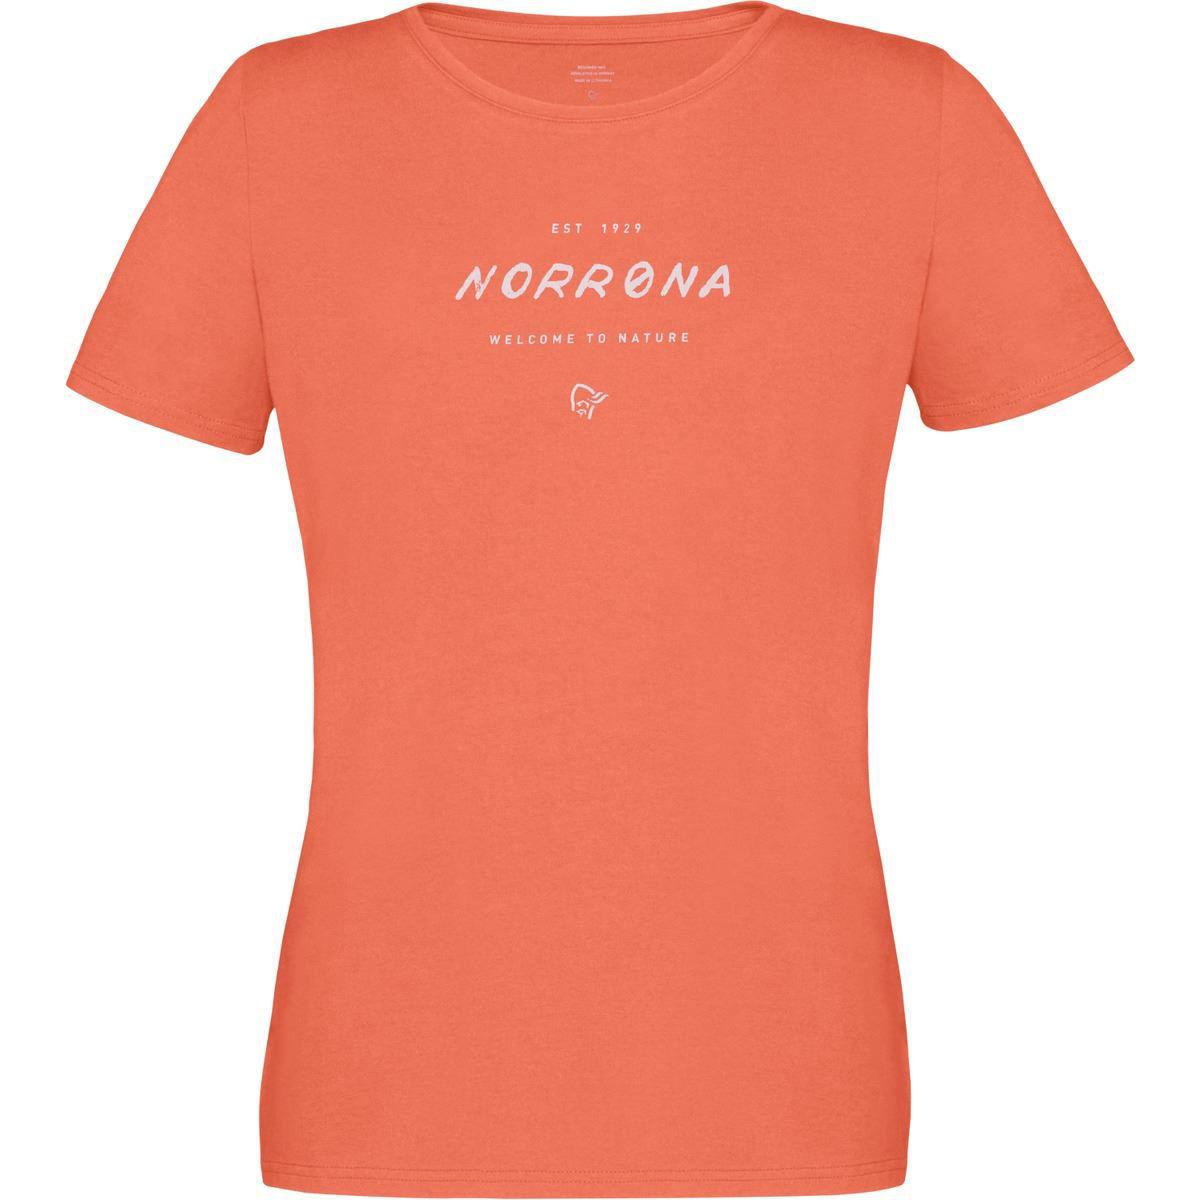 oransje t-skjorte til dame